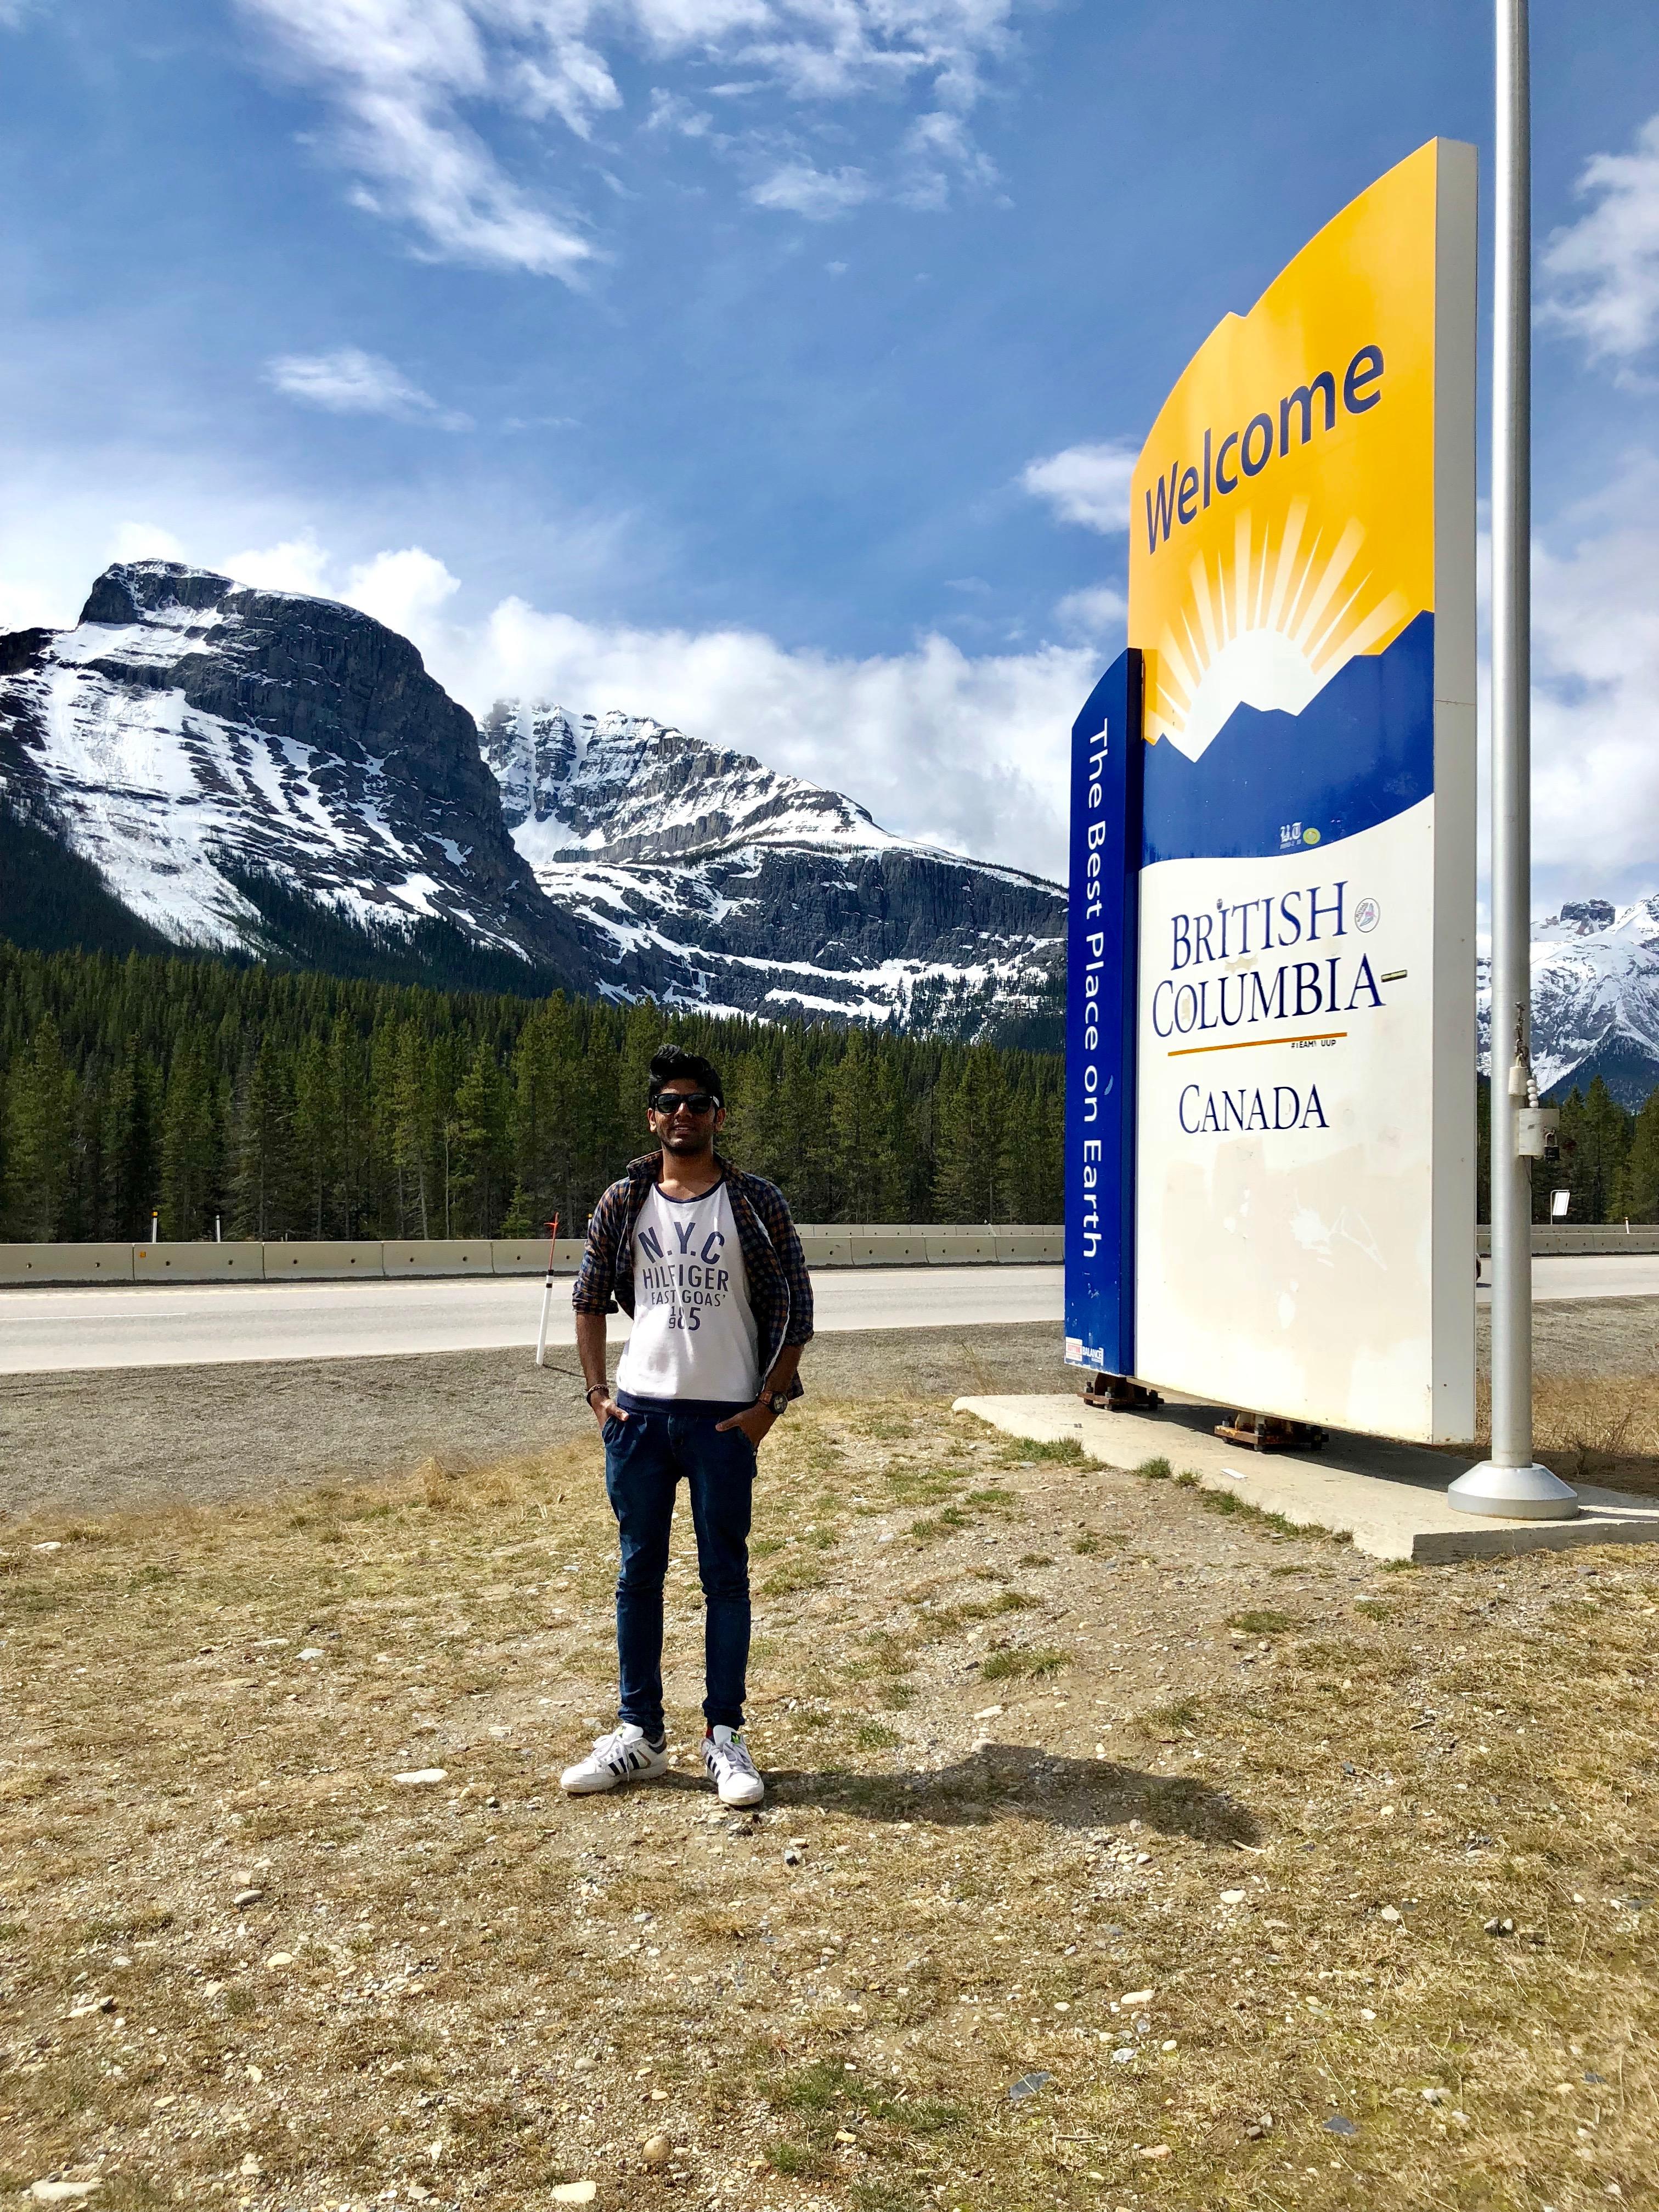 BritishColumbia - Beautiful British Columbia